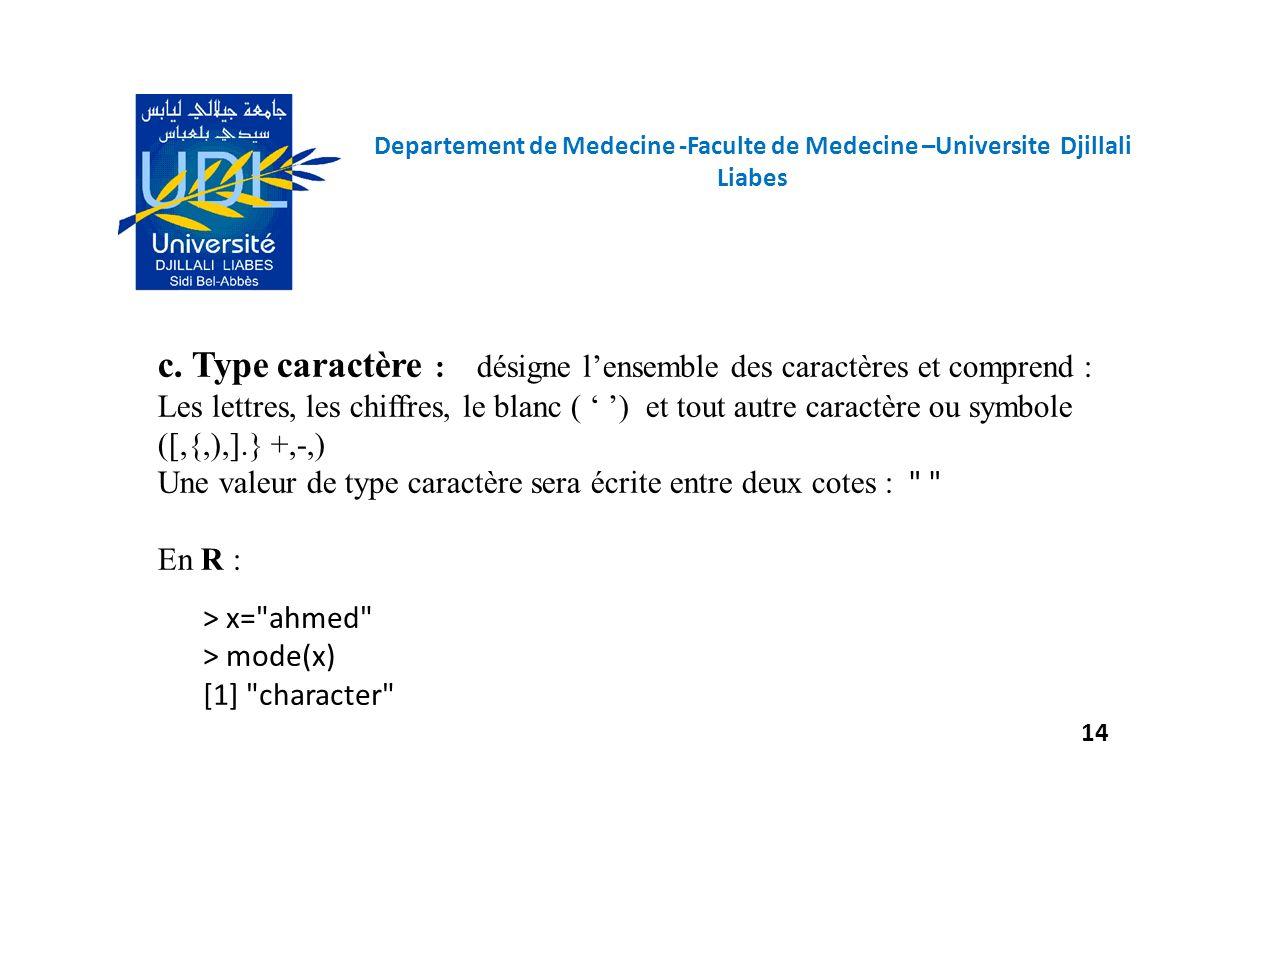 c. Type caractère : désigne l'ensemble des caractères et comprend :